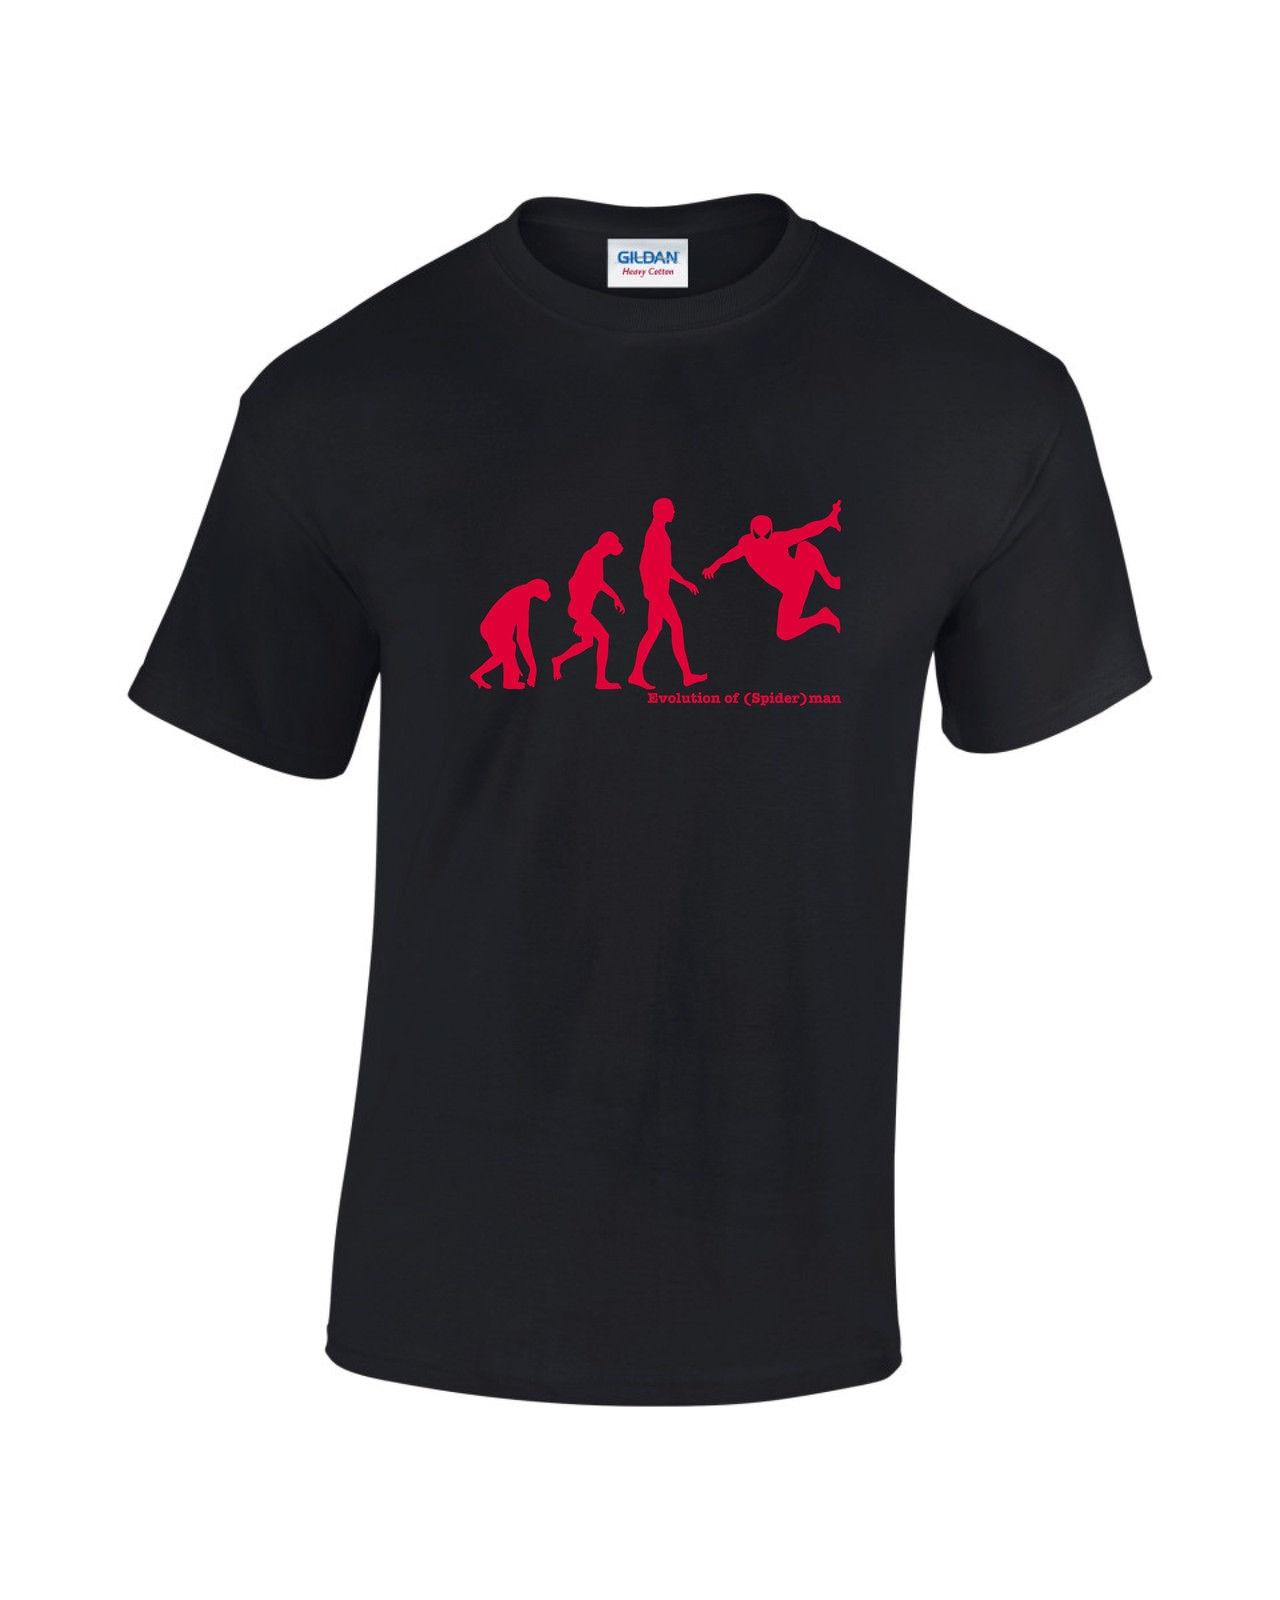 2018 New Summer High Quality Tee Shirt <font><b>Evolution</b></font> <font><b>Of</b></font> Man - <font><b>Spiderman</b></font> Comic Book Super Hero <font><b>Mens</b></font> Printed <font><b>T-Shirt</b></font> Cool <font><b>T-shirt</b></font>